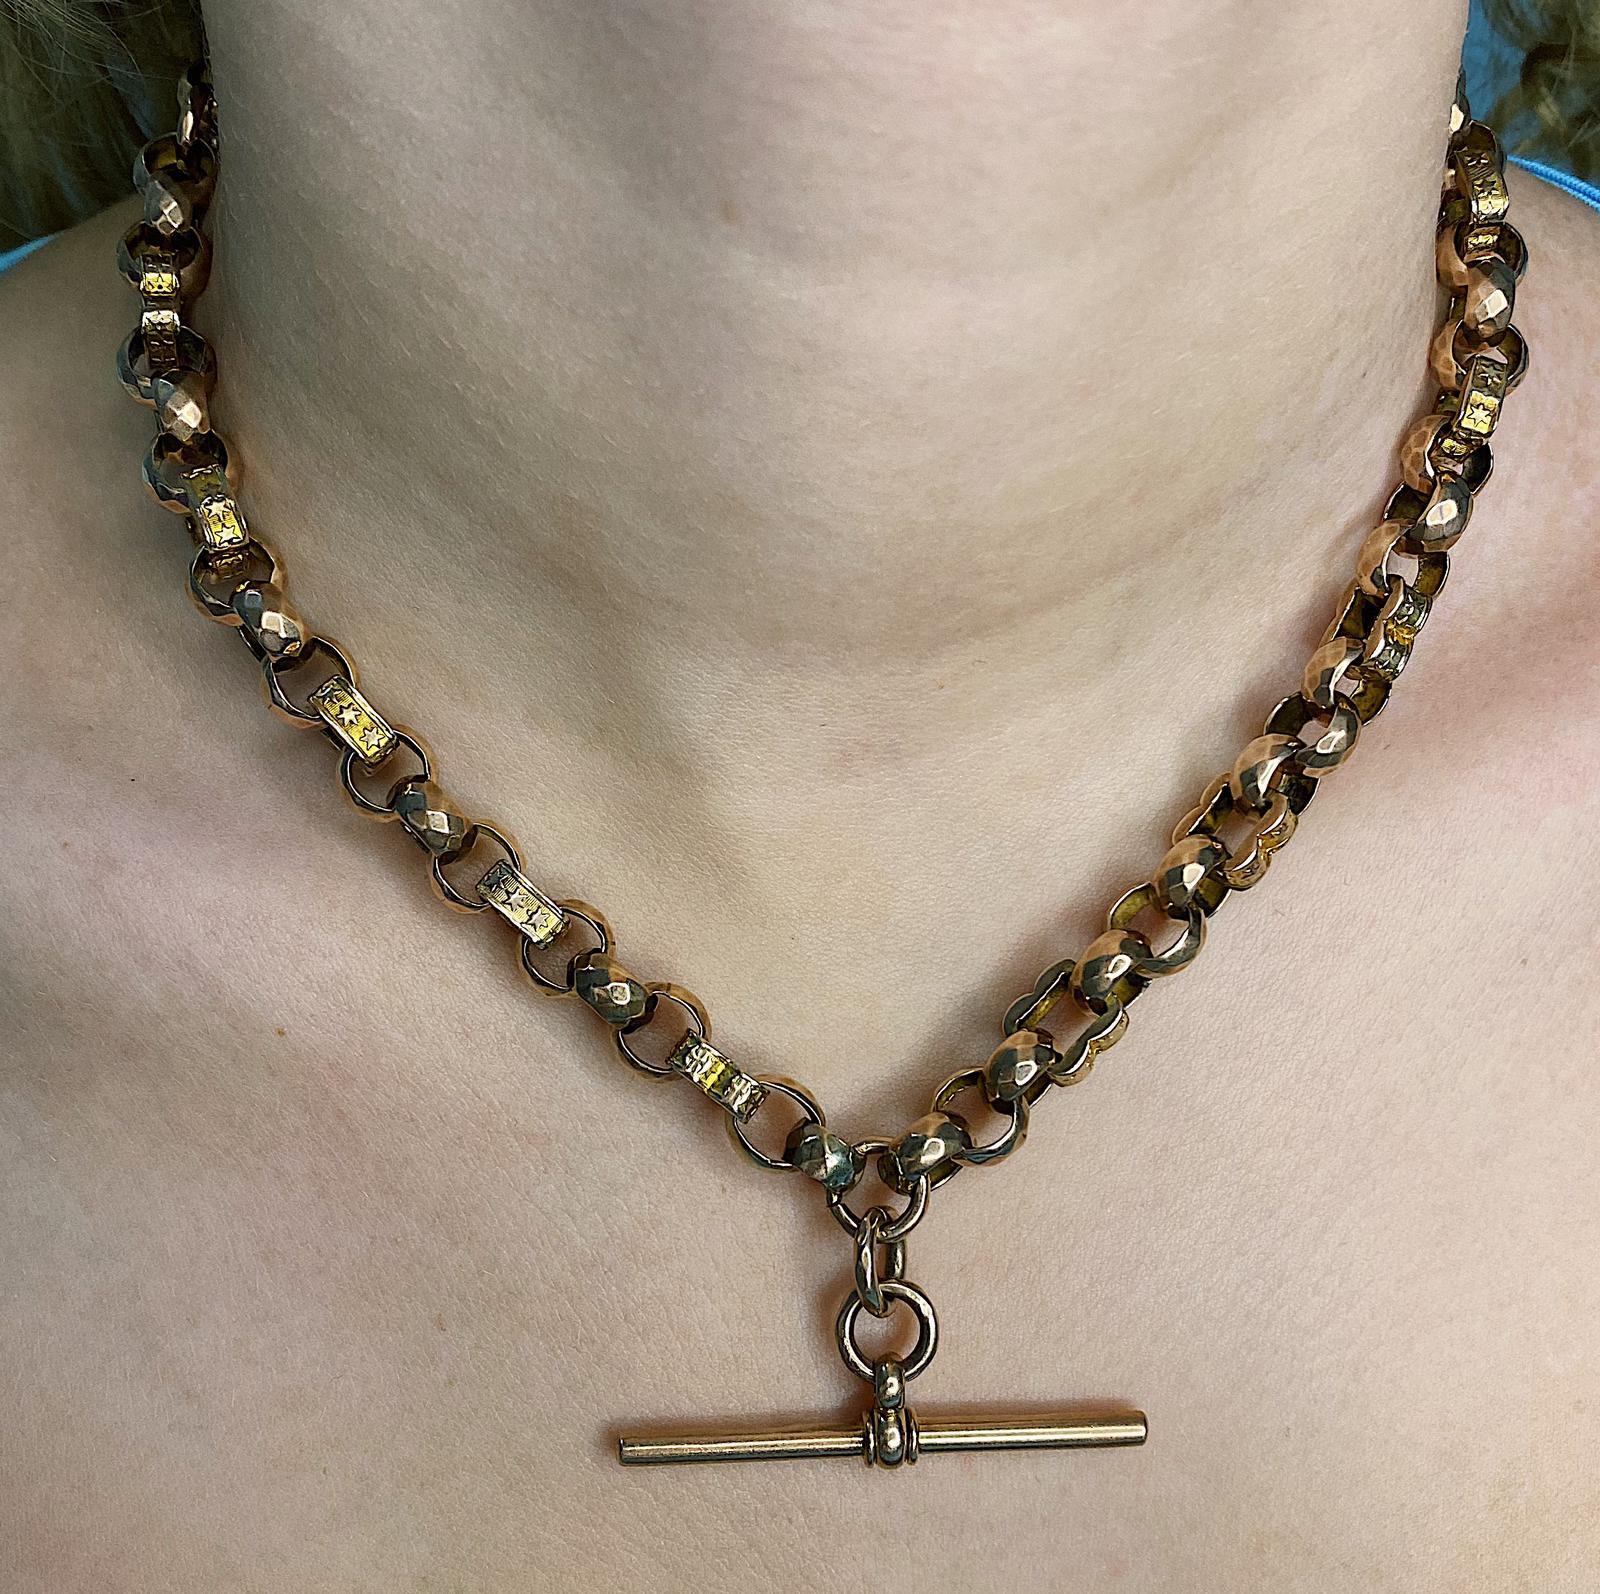 שרשרת ויקטוריאנית מזהב , T-BAR  ו – dog clasp 2 סוגרי. זהב אדום. ניתן לענוד גם כצמיד מלופף פעמיים .